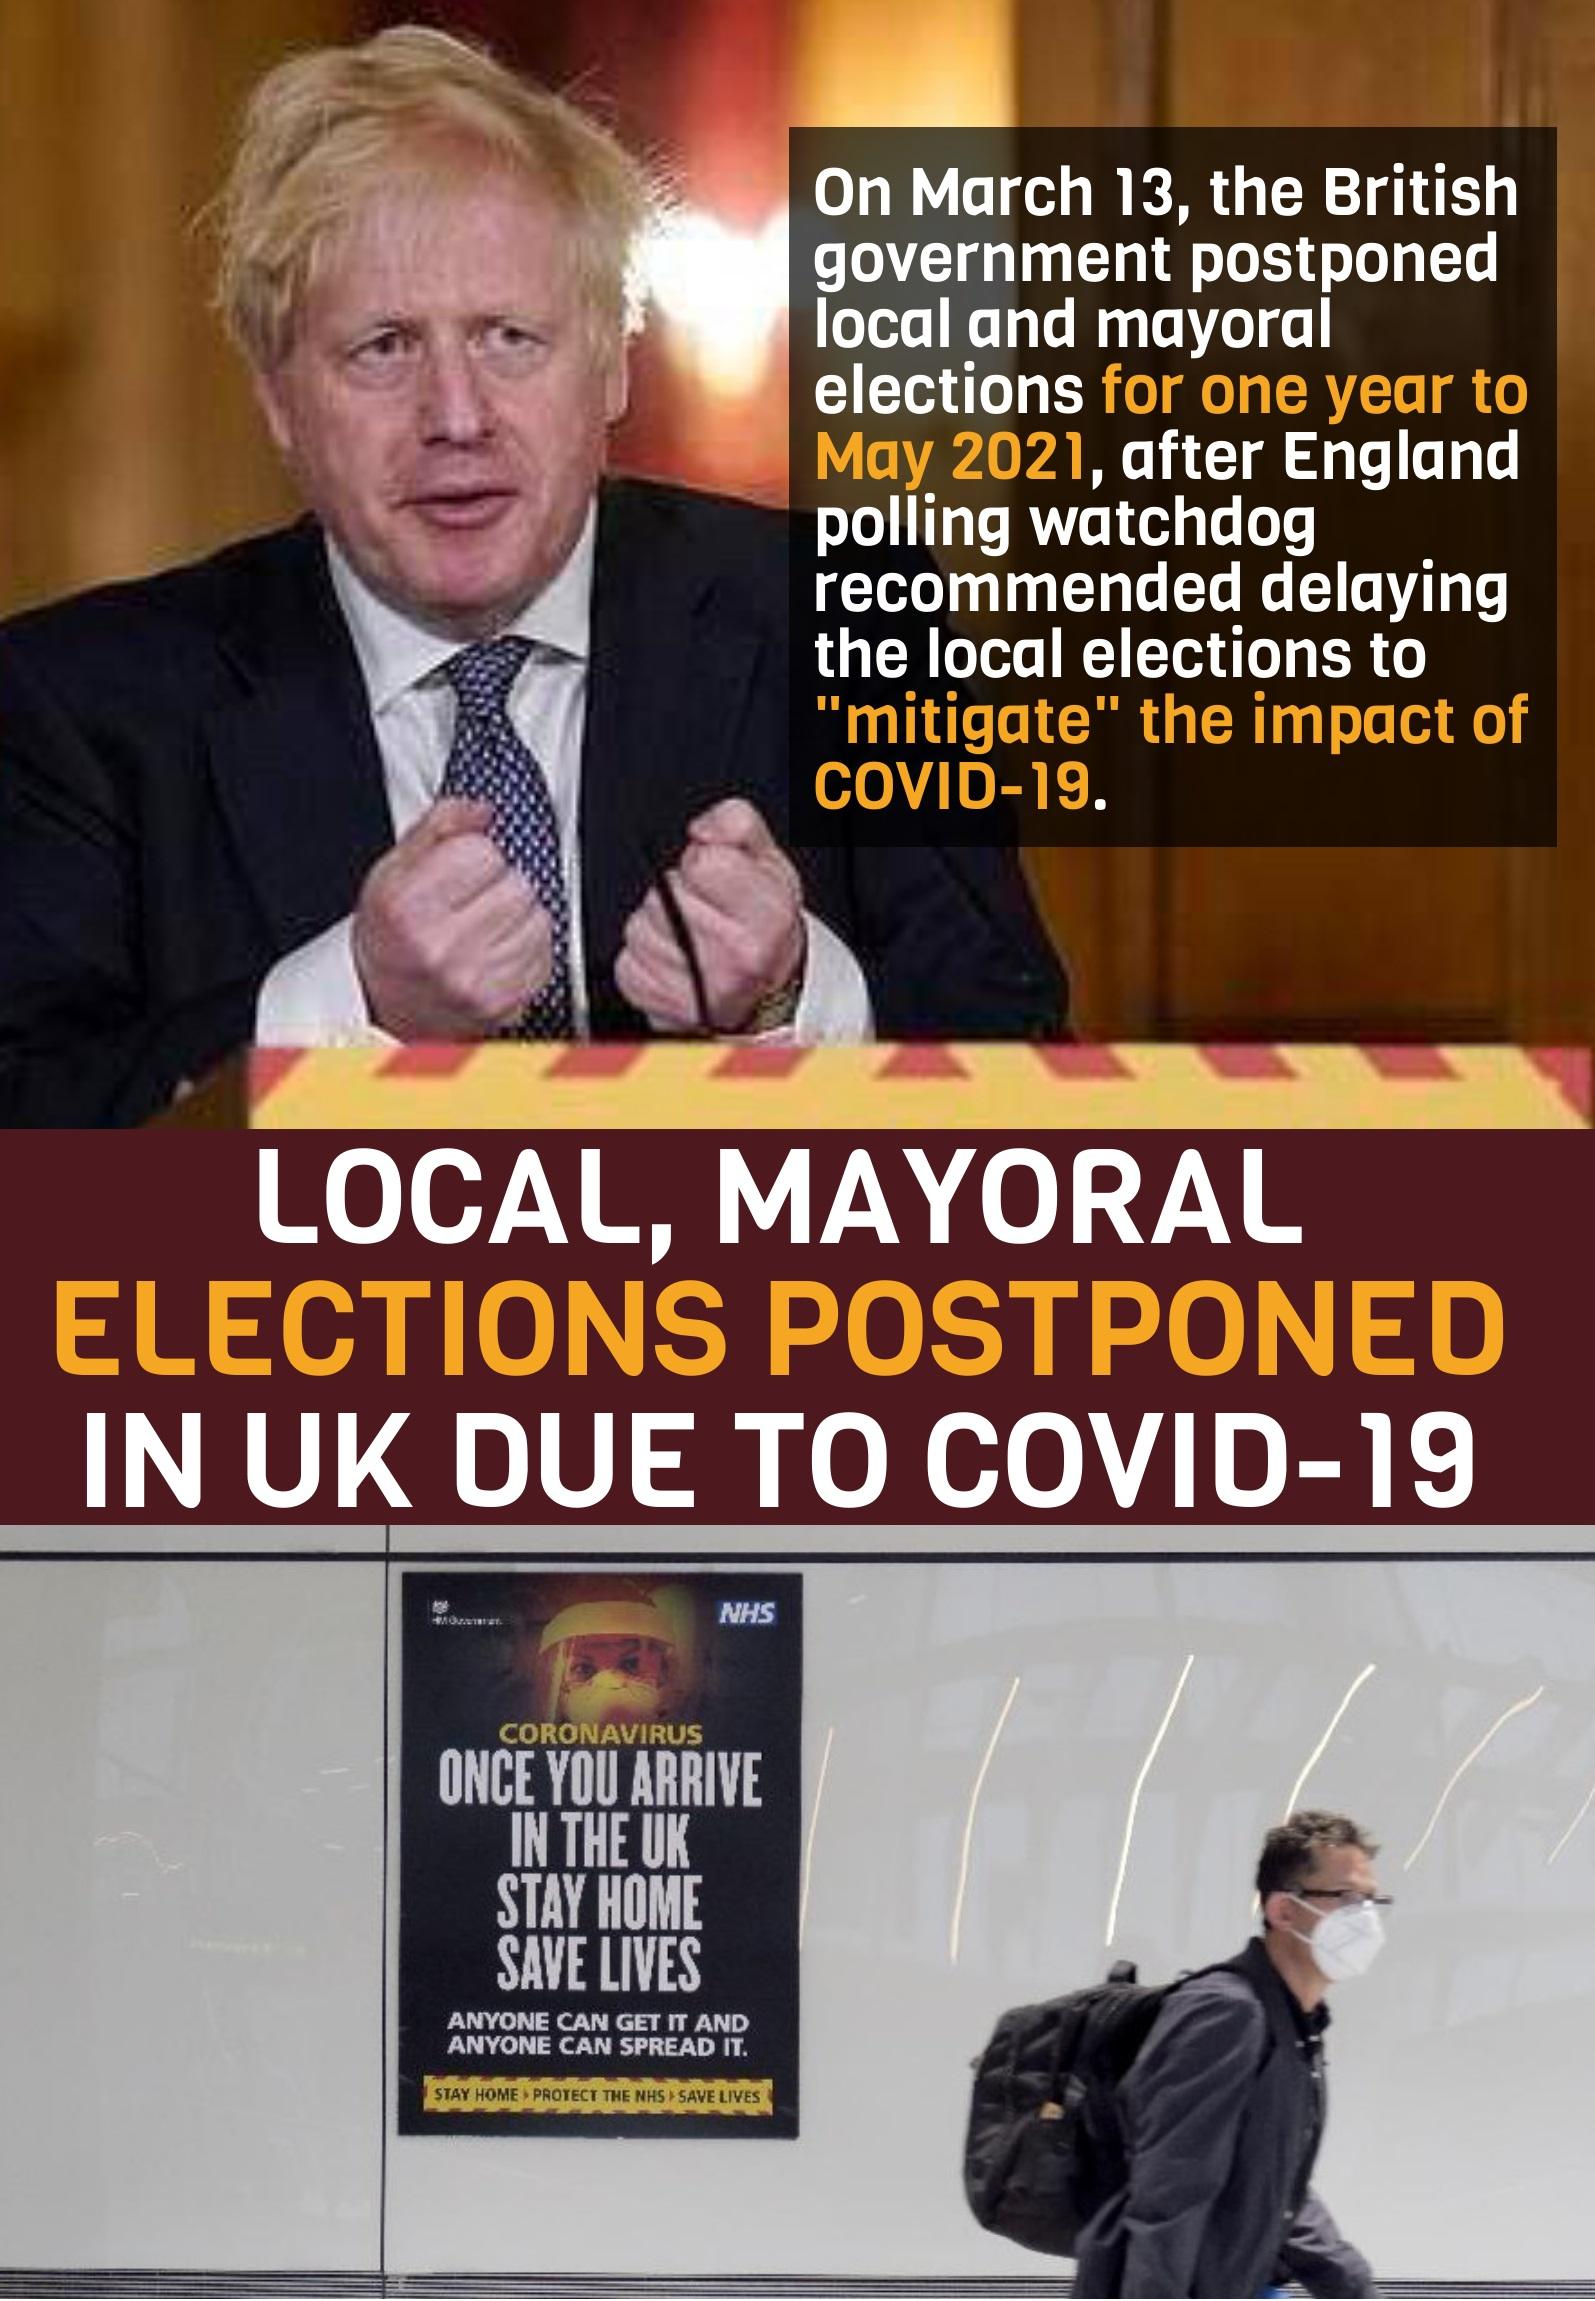 Elections postponed concerning coronavirus: UK agreed